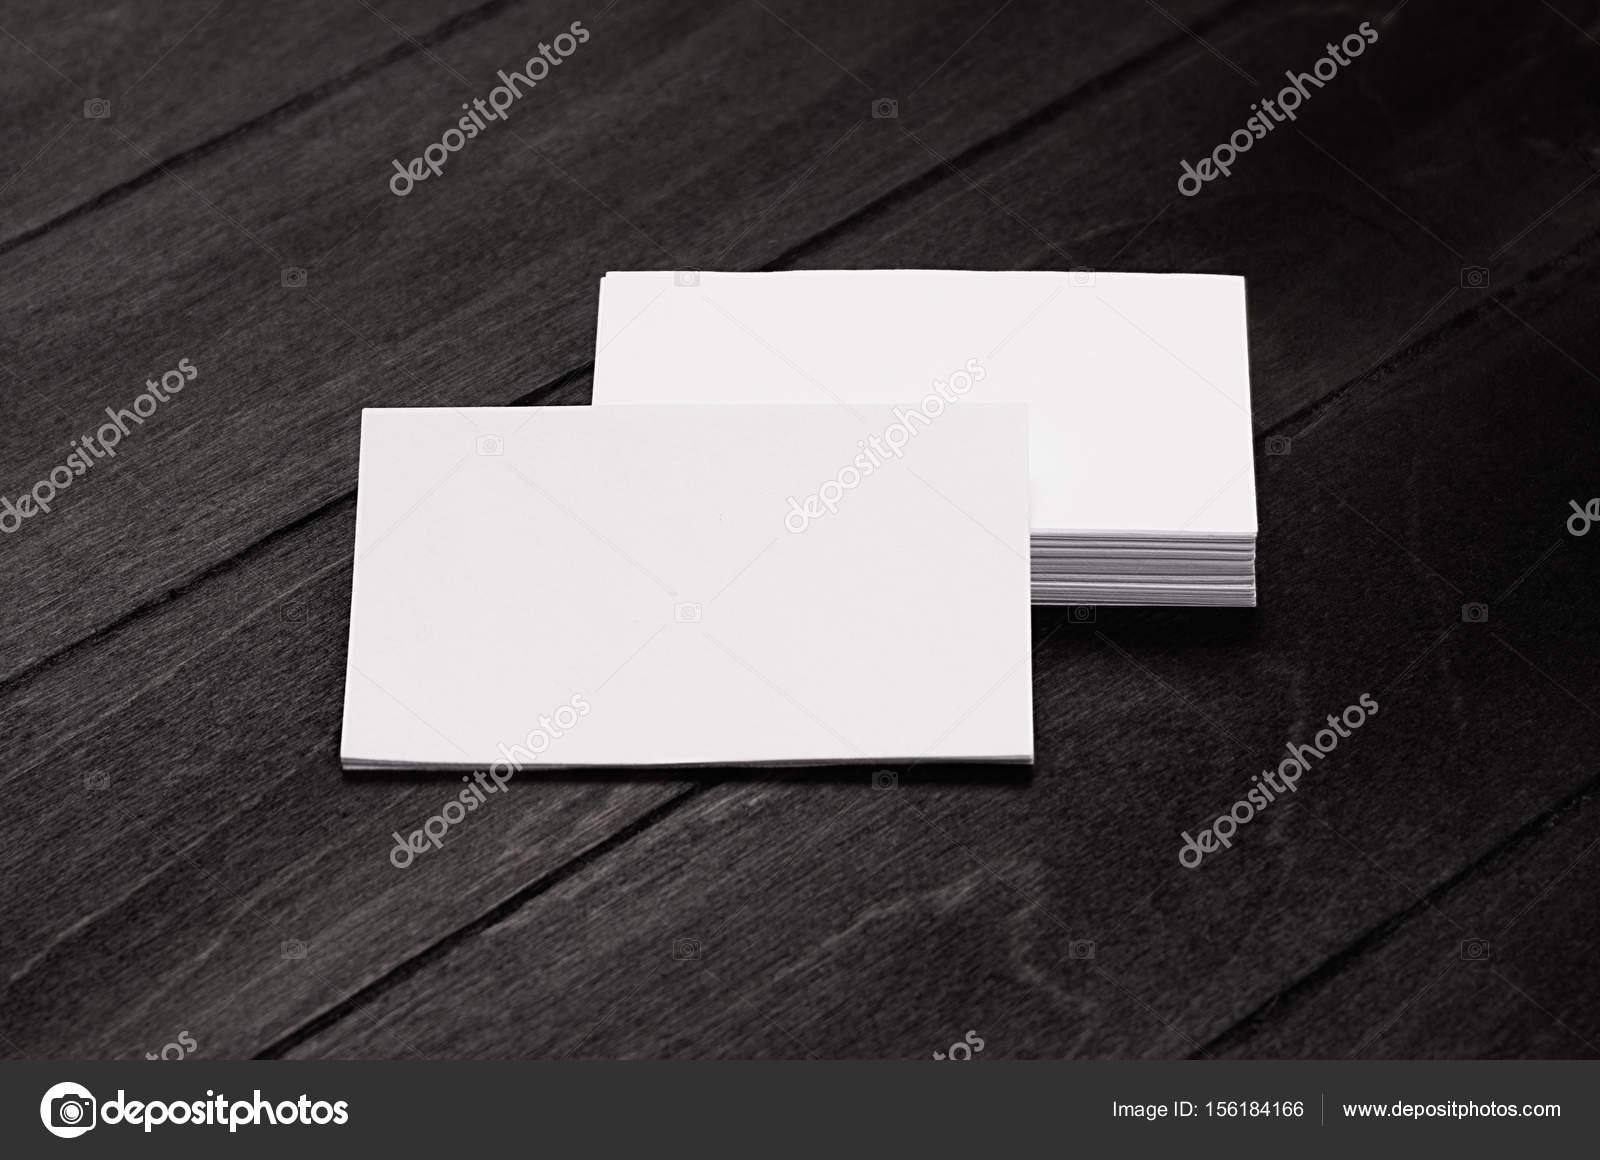 Stapel Leer Unternehmensidentität Visitenkarten Auf